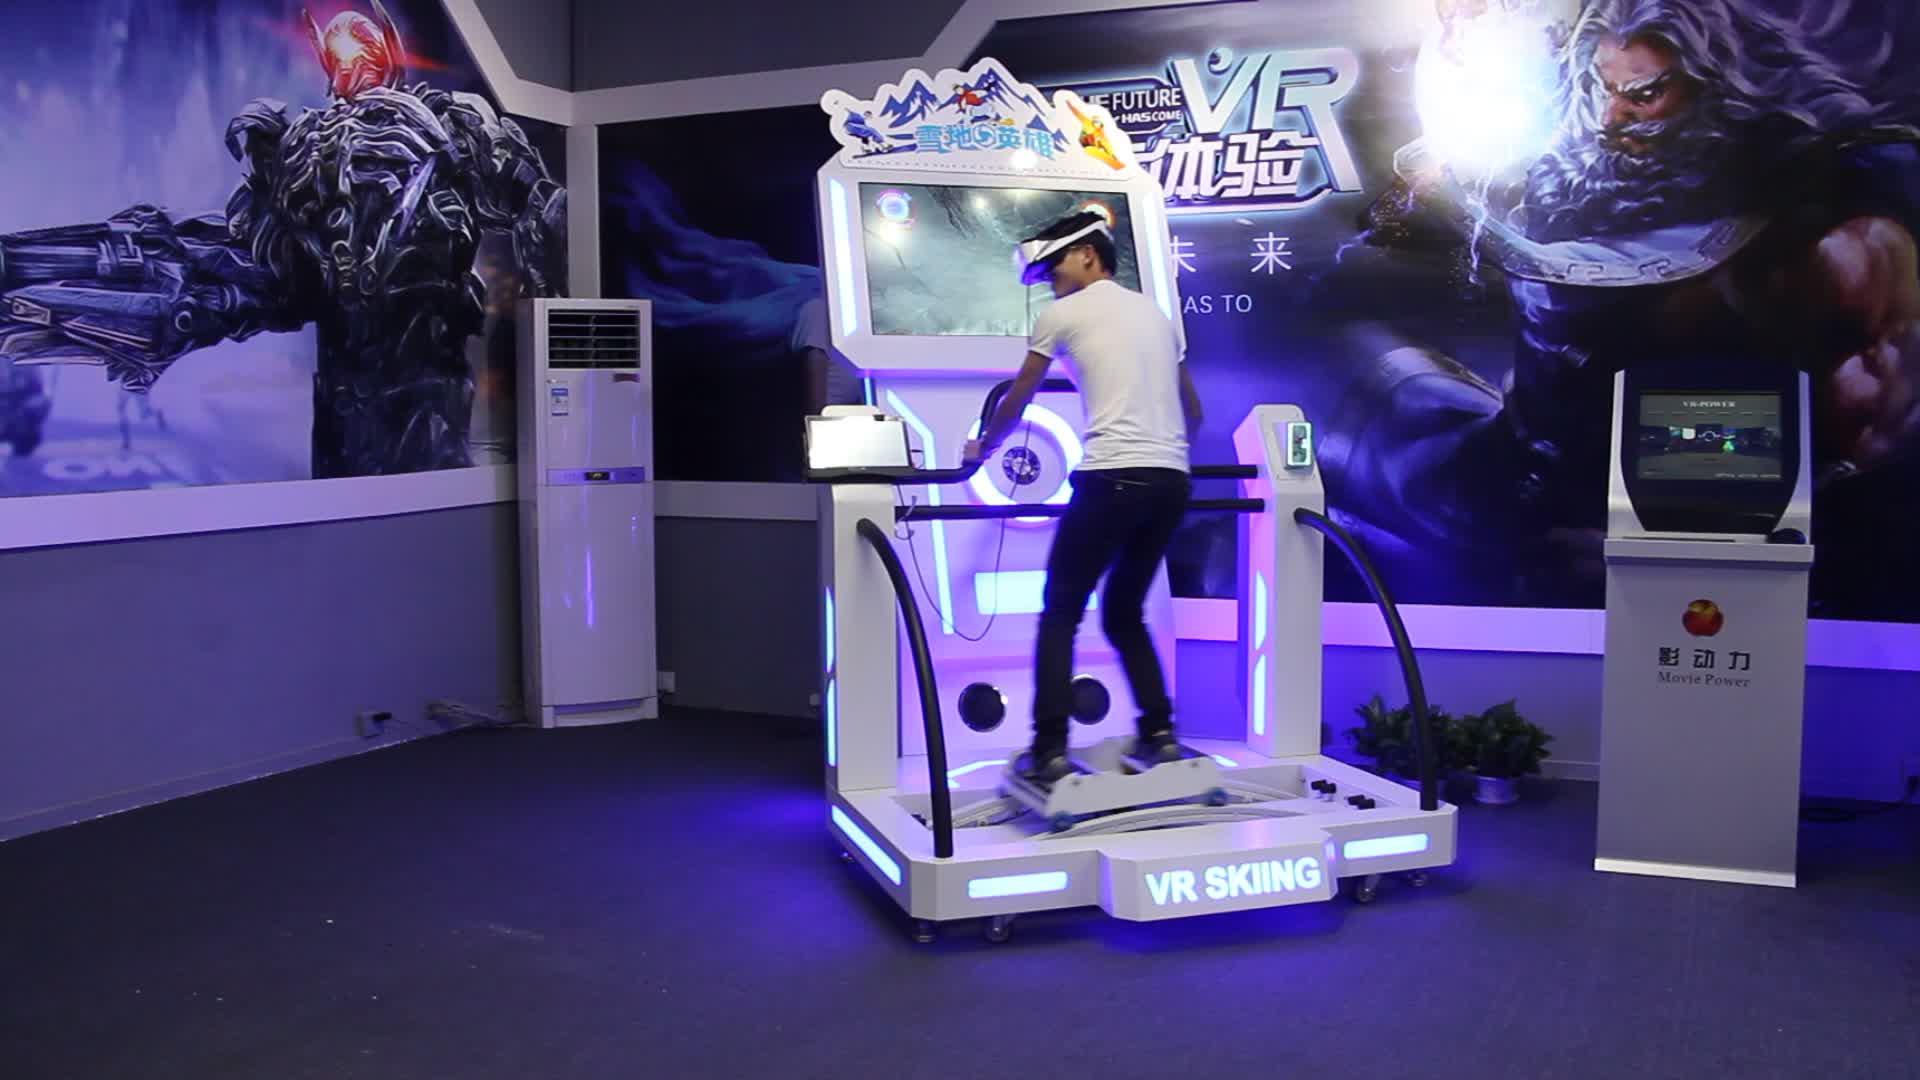 Sanal gerçeklik moda sürükleyici vr kayak uçan oyun makinesi çok oyunculu çevrimiçi kayak yarış oyunu